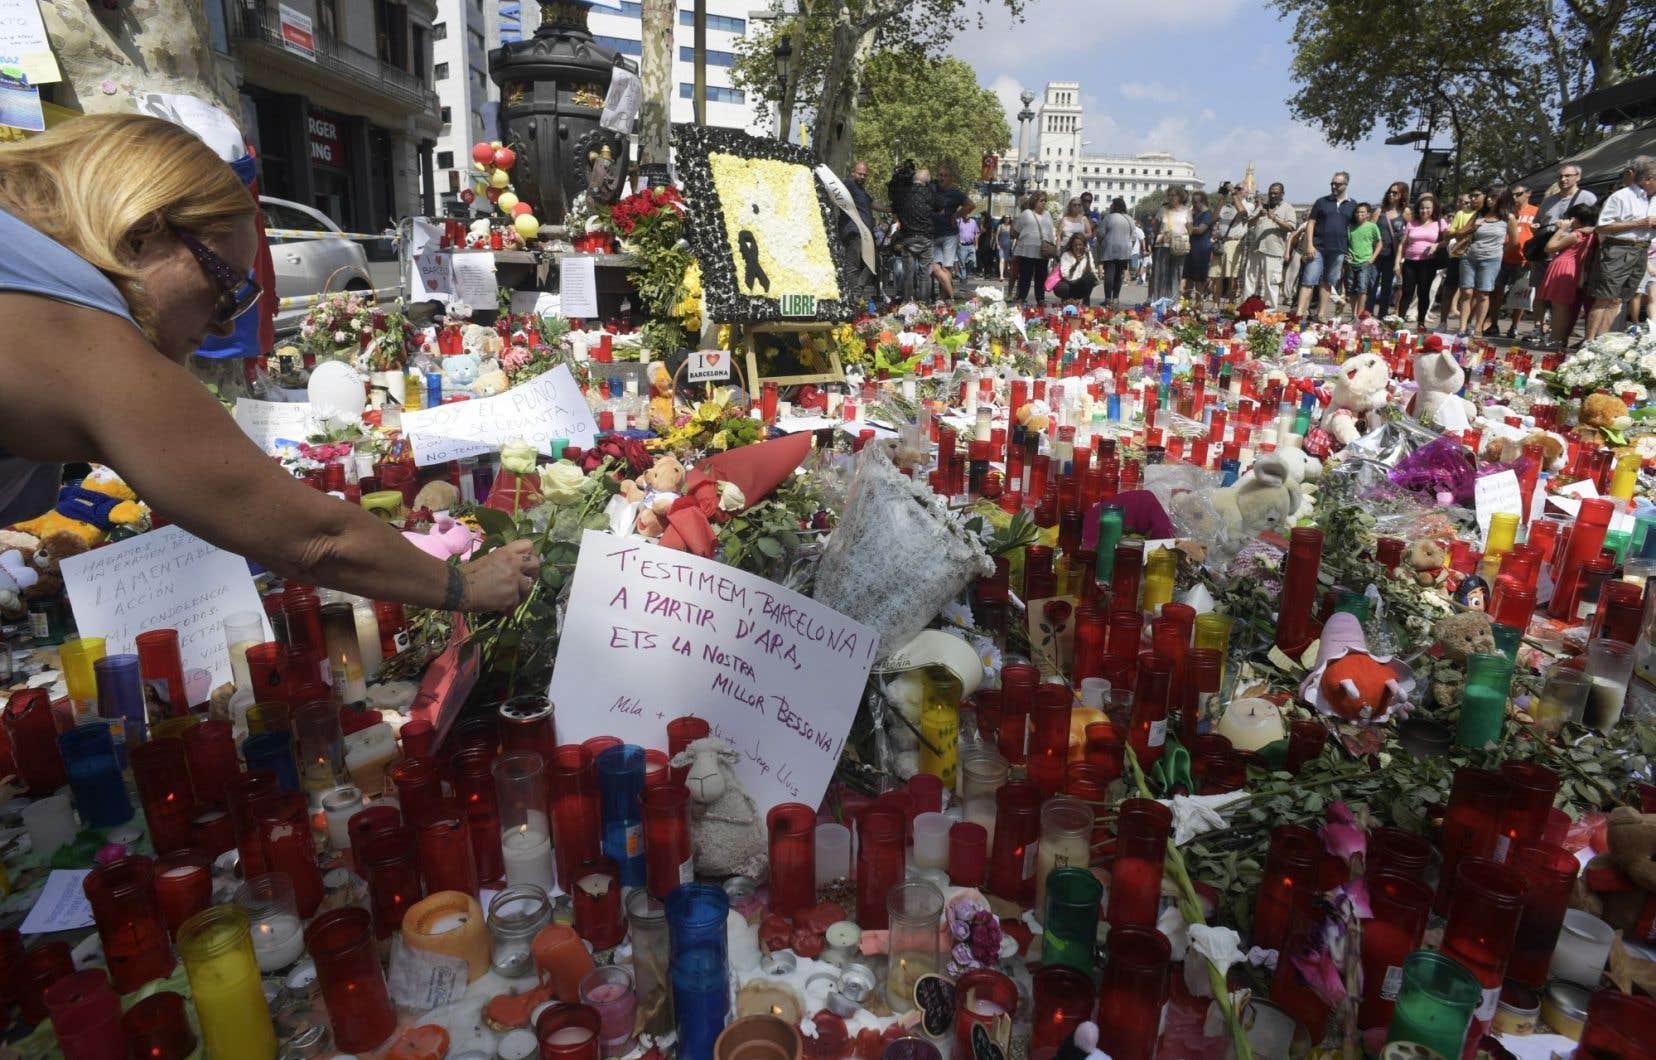 Les autorités ont annoncé un renforcement des mesures de sécurité, notamment à proximité des sites touristiques comme la basilique de la Sagrada Família et pendant les matchs de football, concerts ou manifestations.